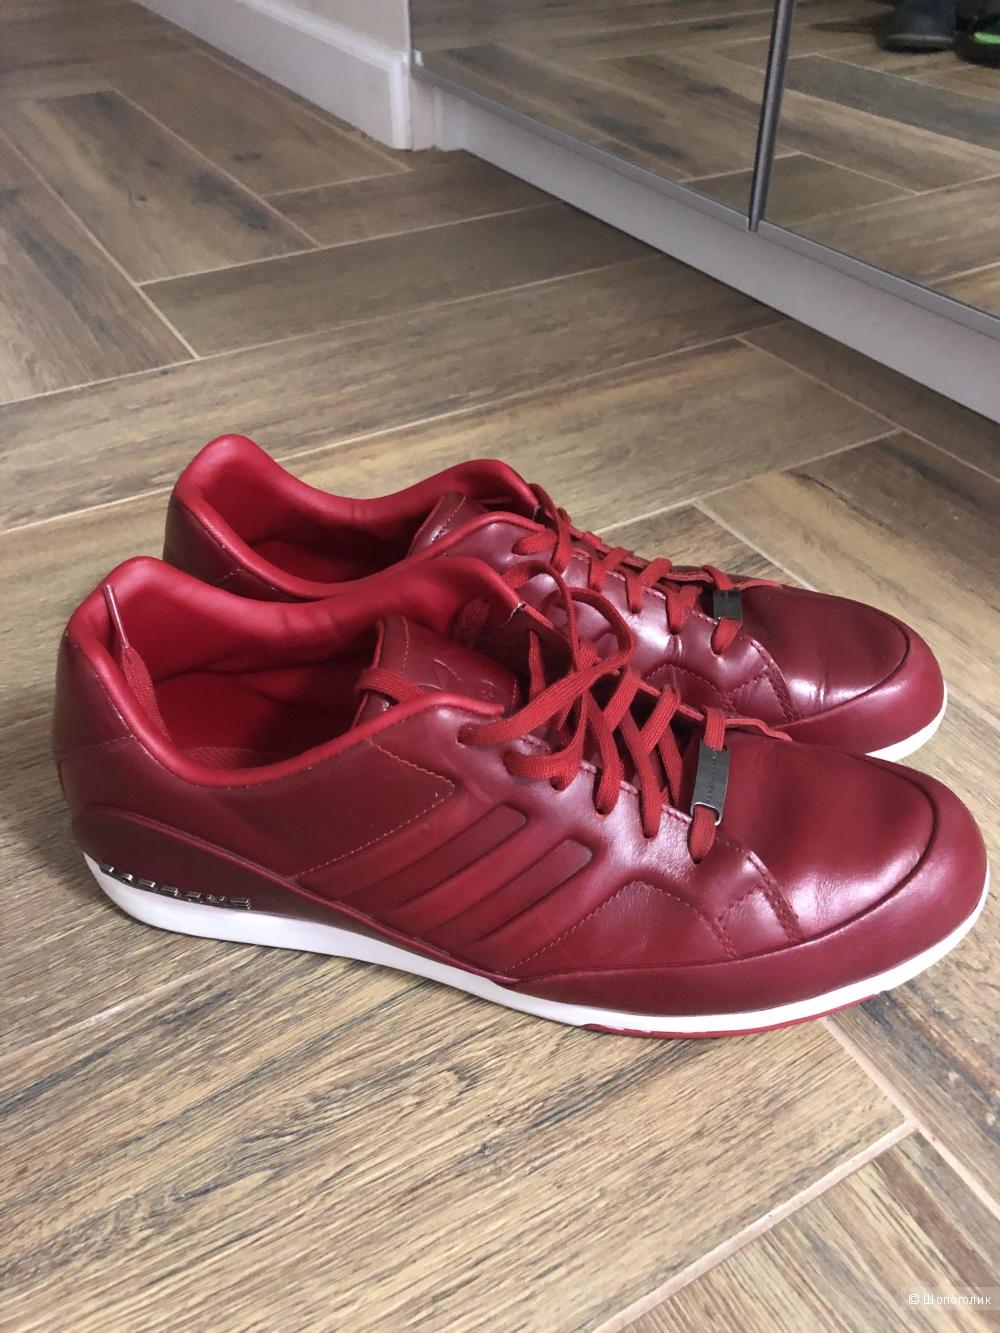 Кросовки Adidas porshe disagn, 43 р.